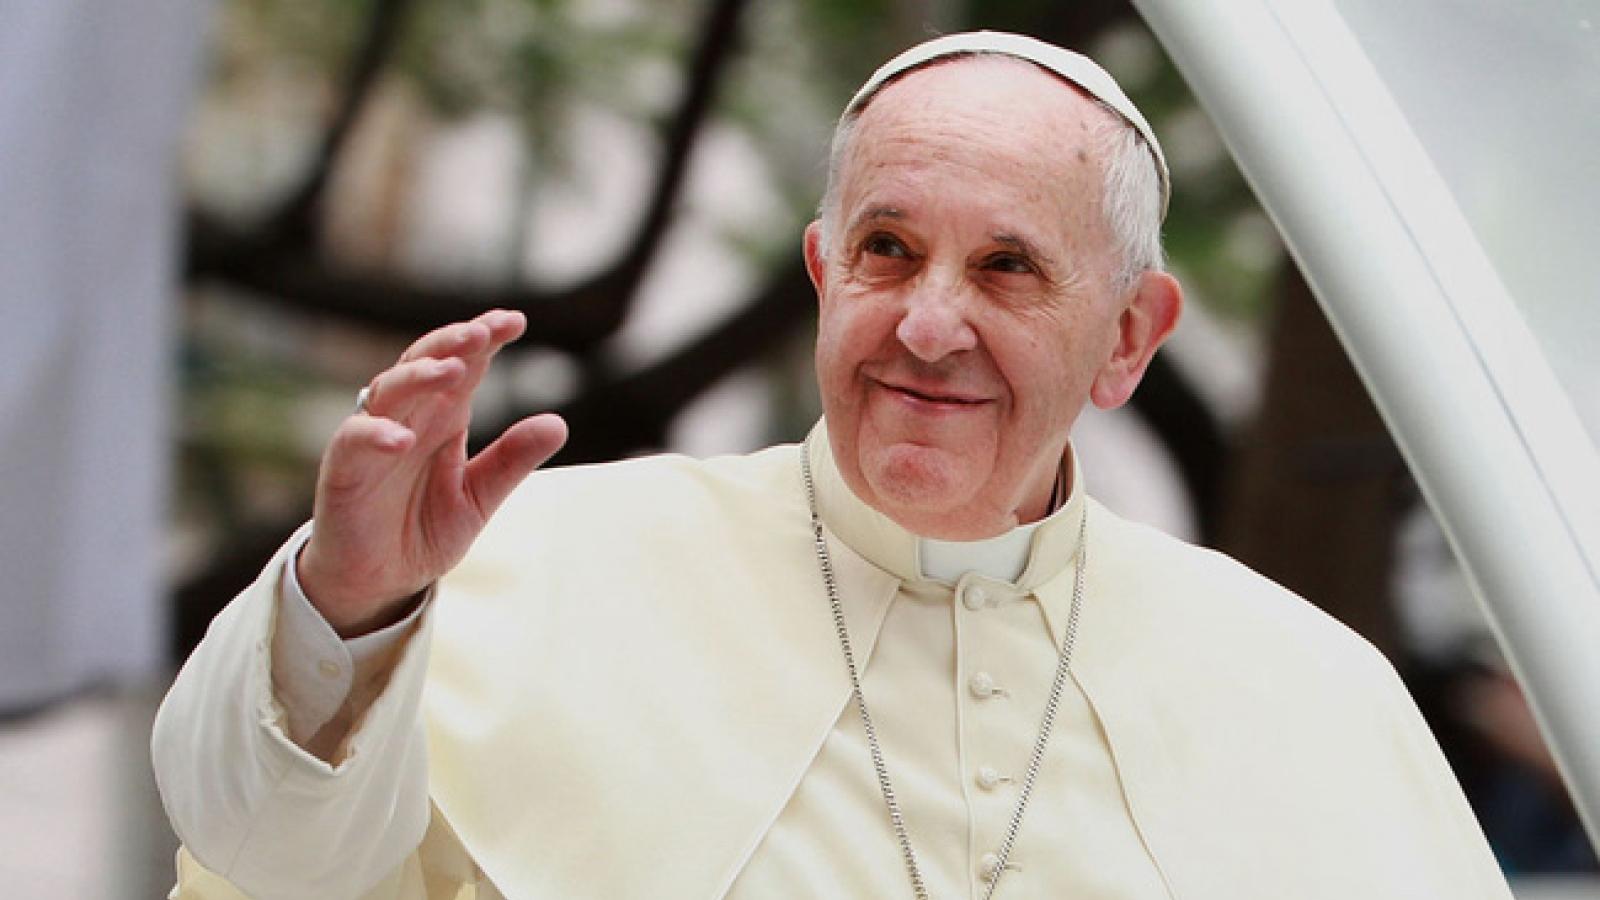 Giáo hoàng gửi thông điệp hòa bình trong Năm mới